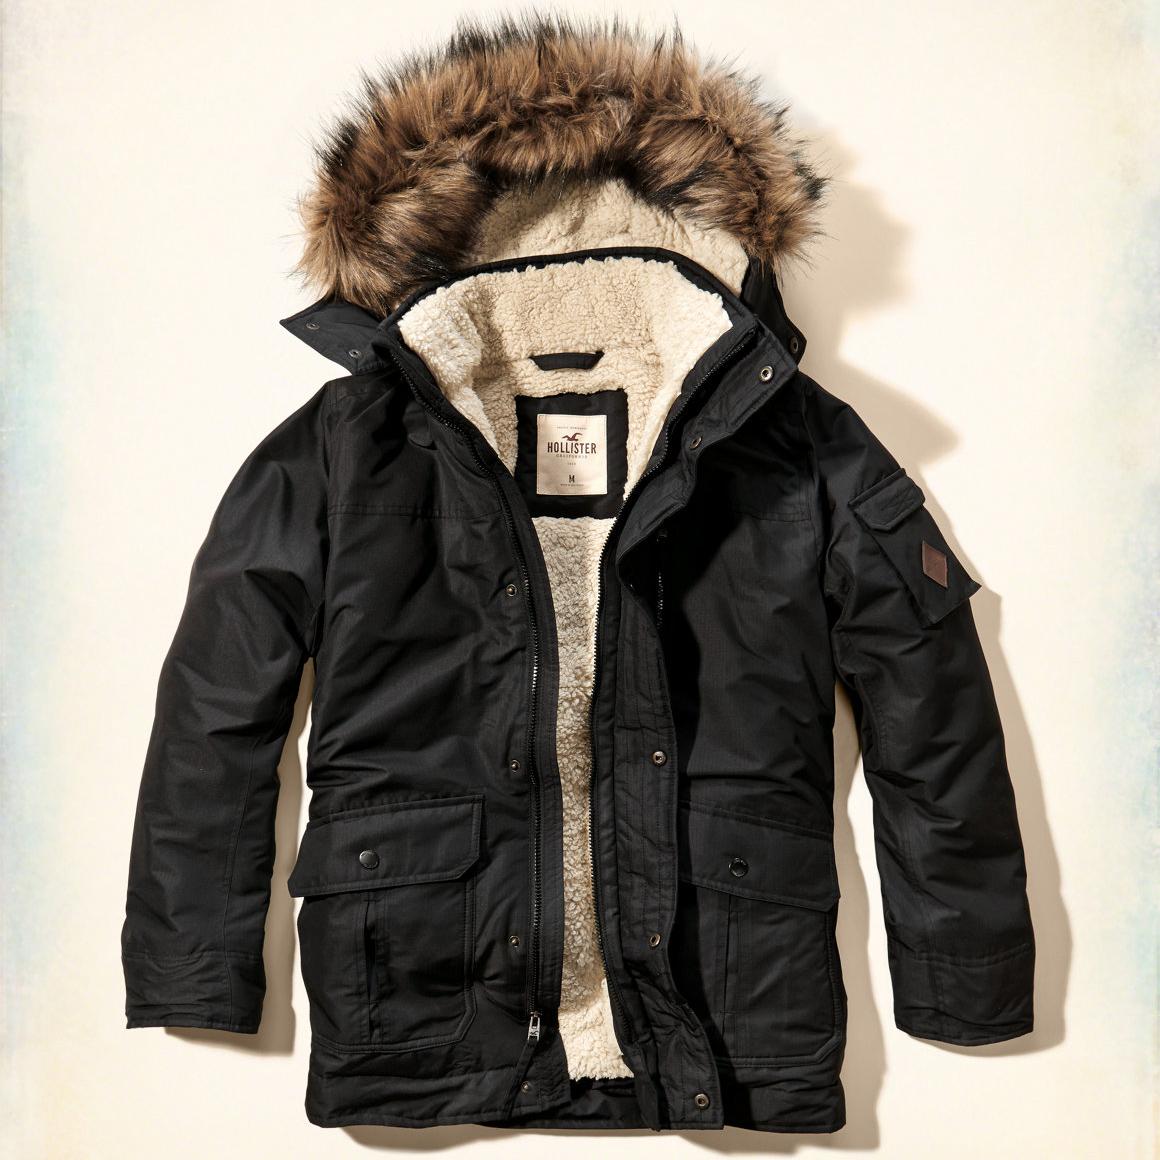 美國百分百【Hollister Co.】風衣 外套 大衣 HCO 鋪厚棉 皮草 連帽 夾克 海鷗 黑色 S M G250